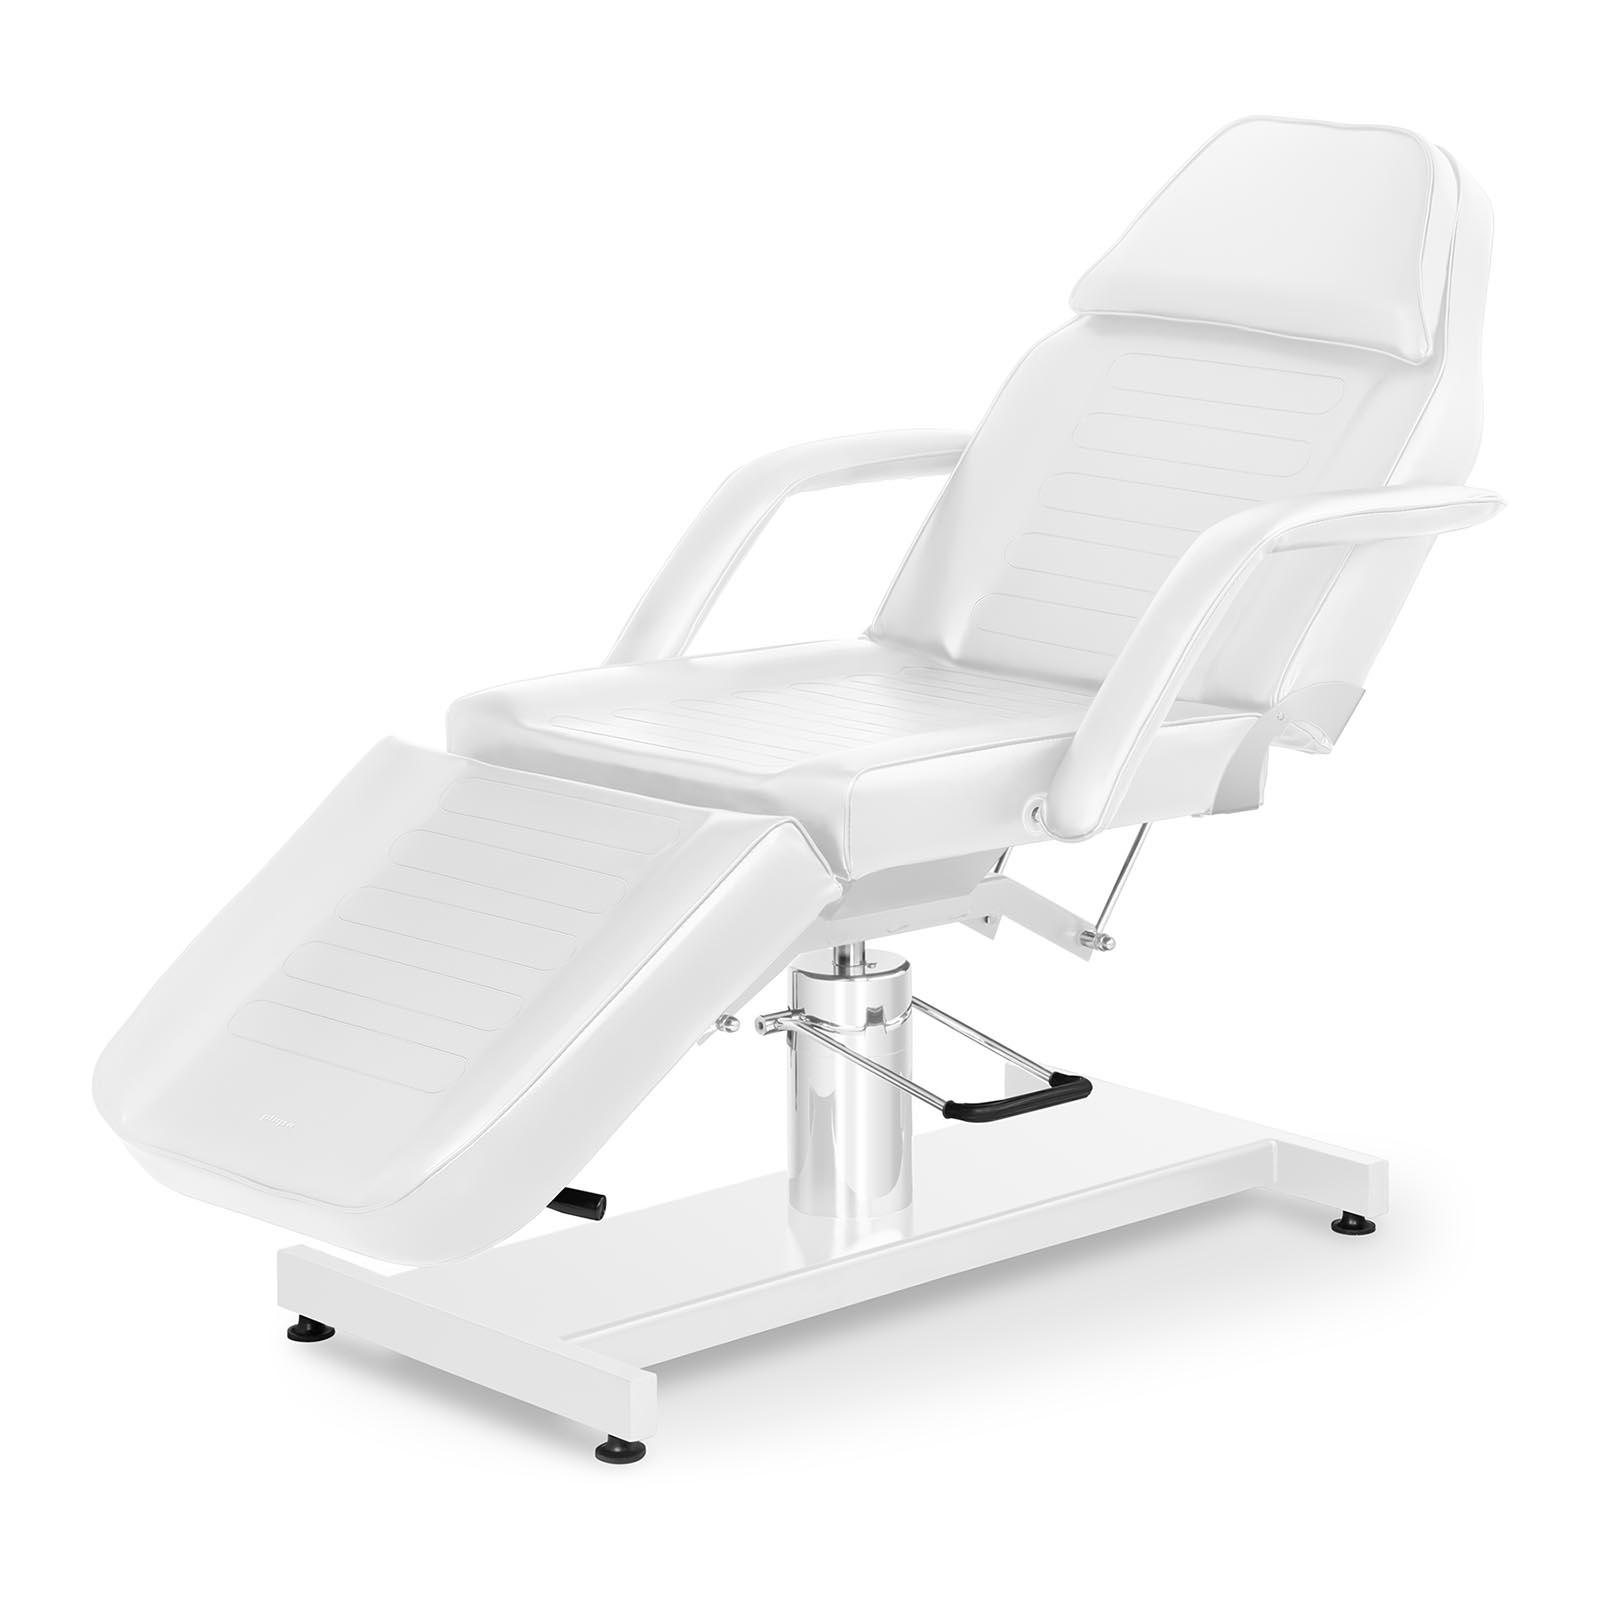 Fotel kosmetyczny Physa Verona - Biały